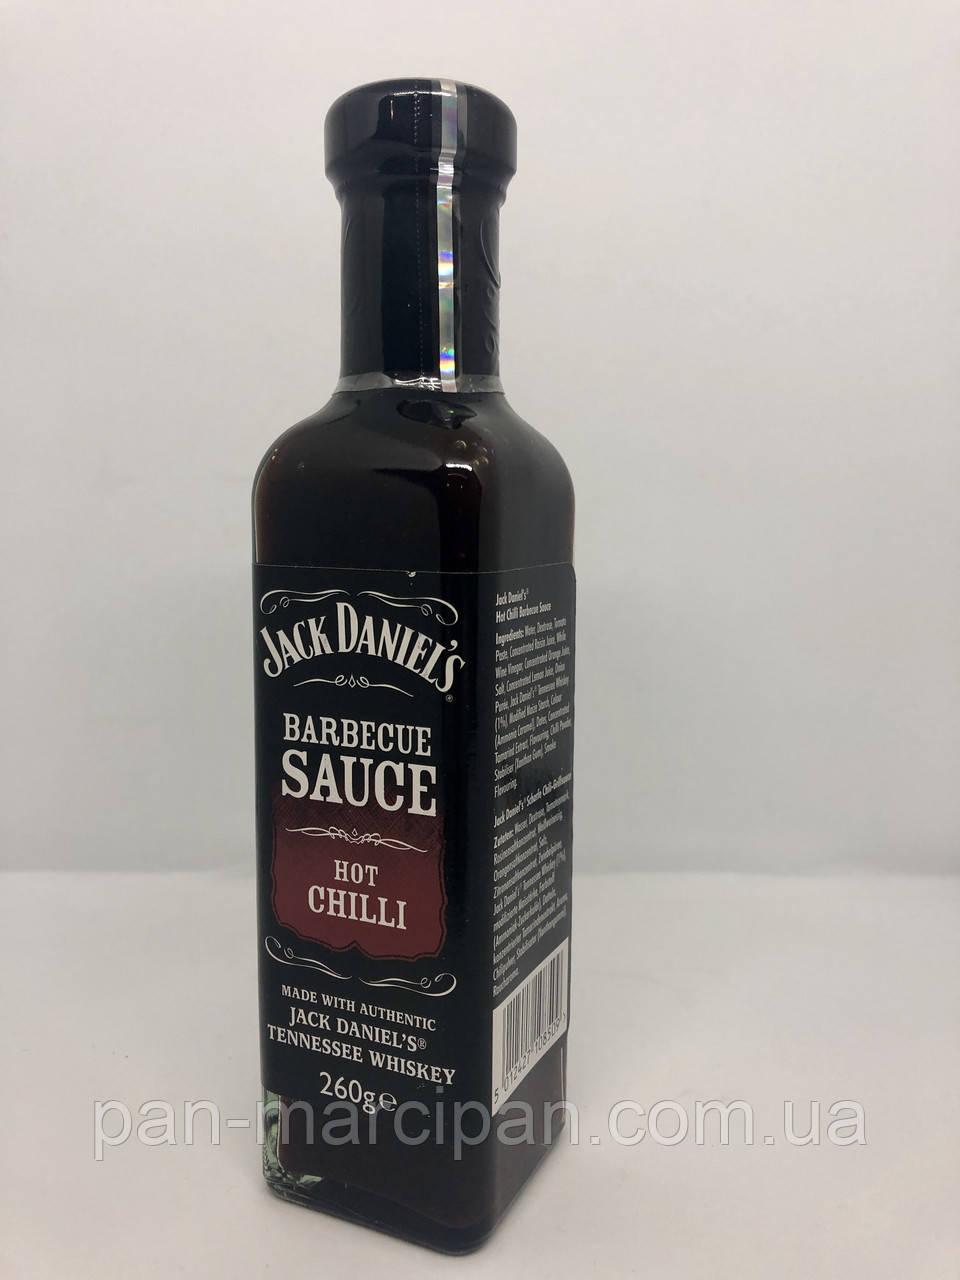 Соус Jack Daniel's Barbecue Sause Hot Chilli 260 g